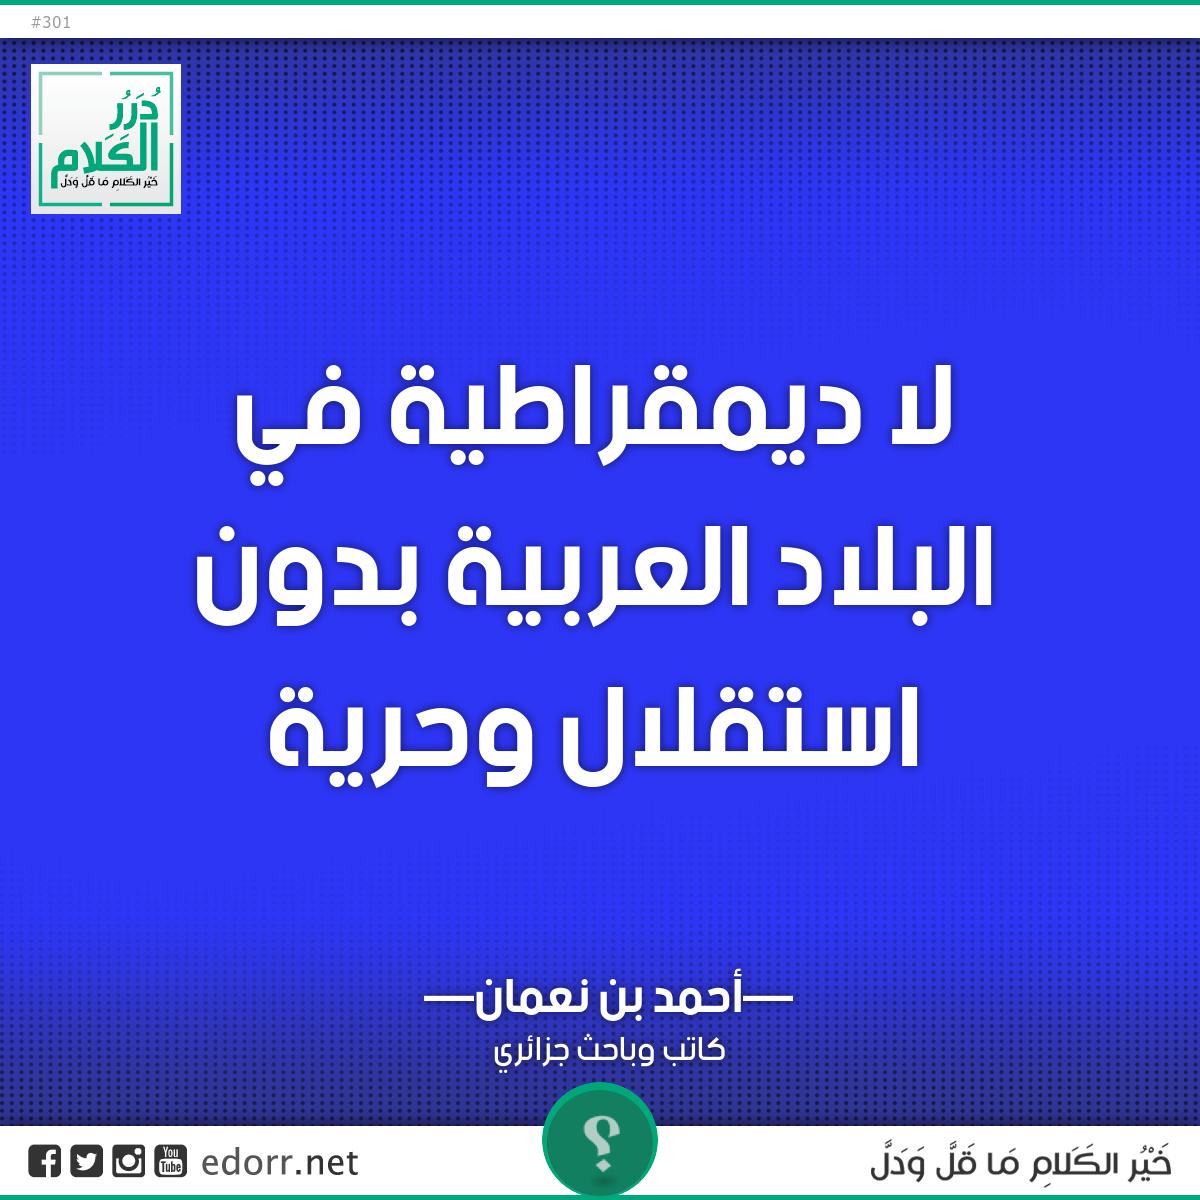 لا ديمقراطية في البلاد العربية بدون استقلال وحرية.